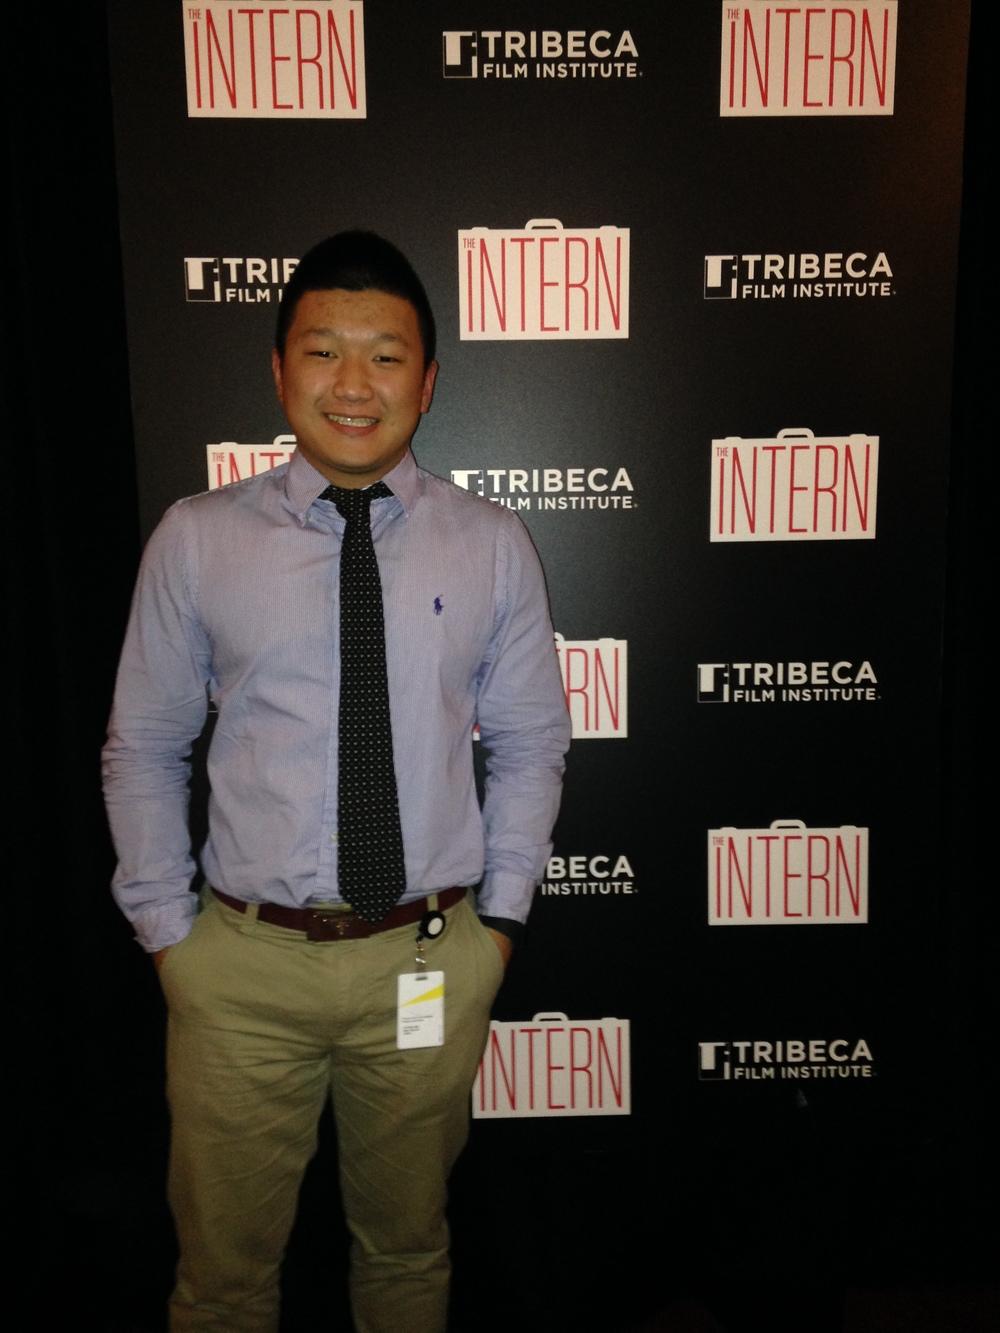 The Intern World Premiere